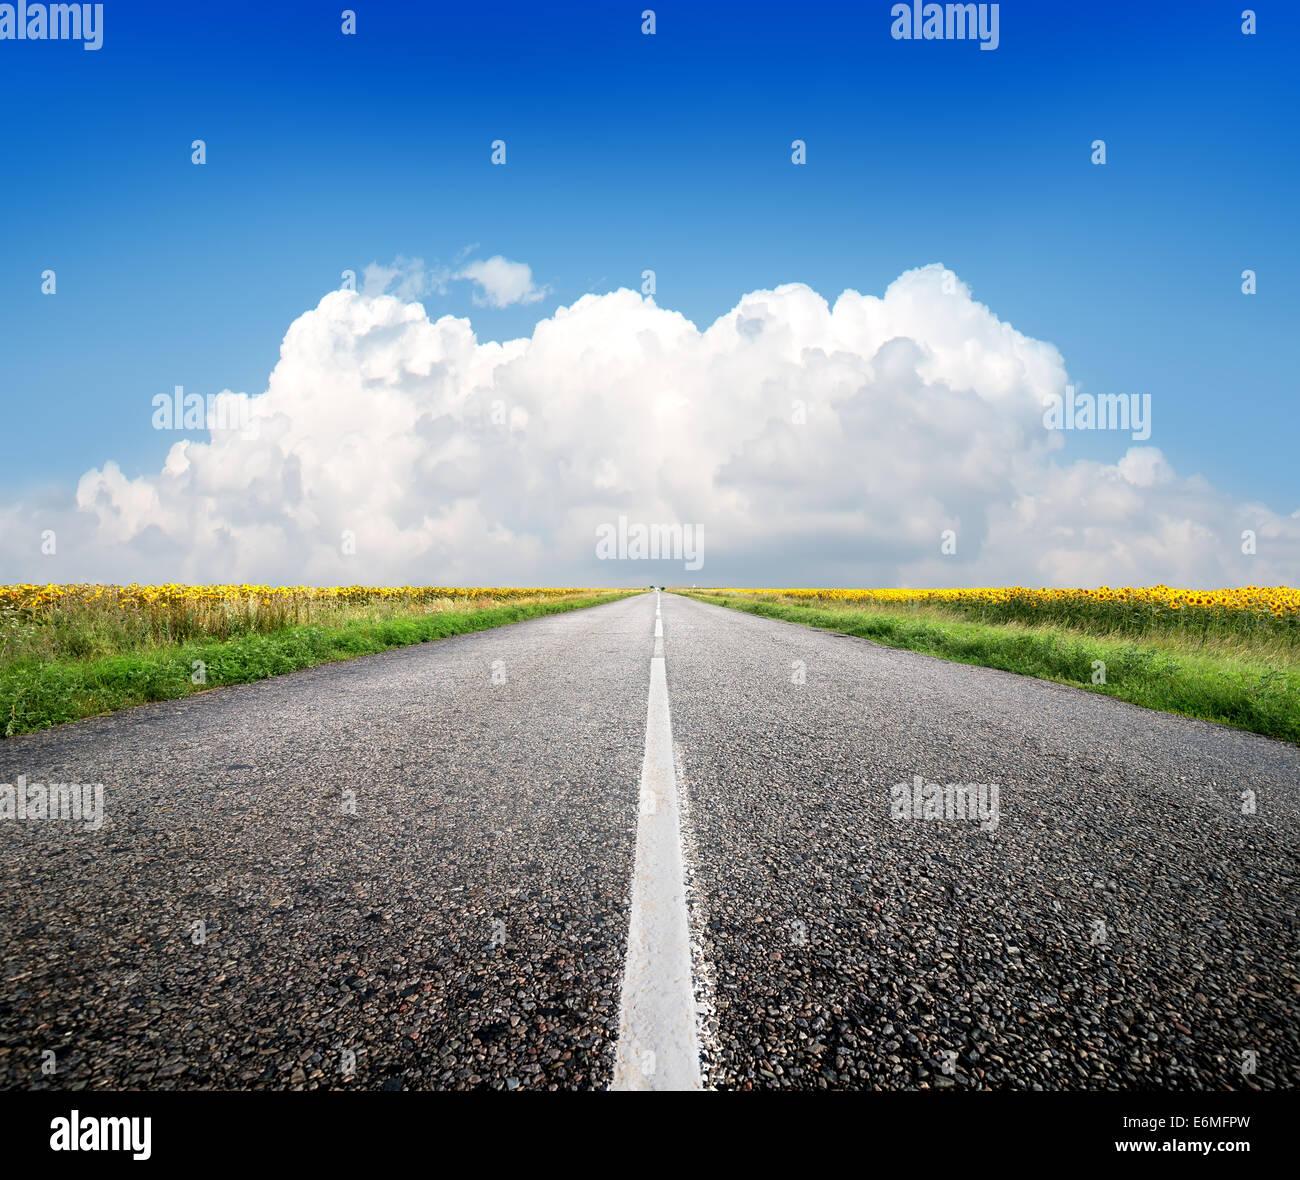 Autobahn durch das Feld von Sonnenblumen und blauer Himmel Stockbild